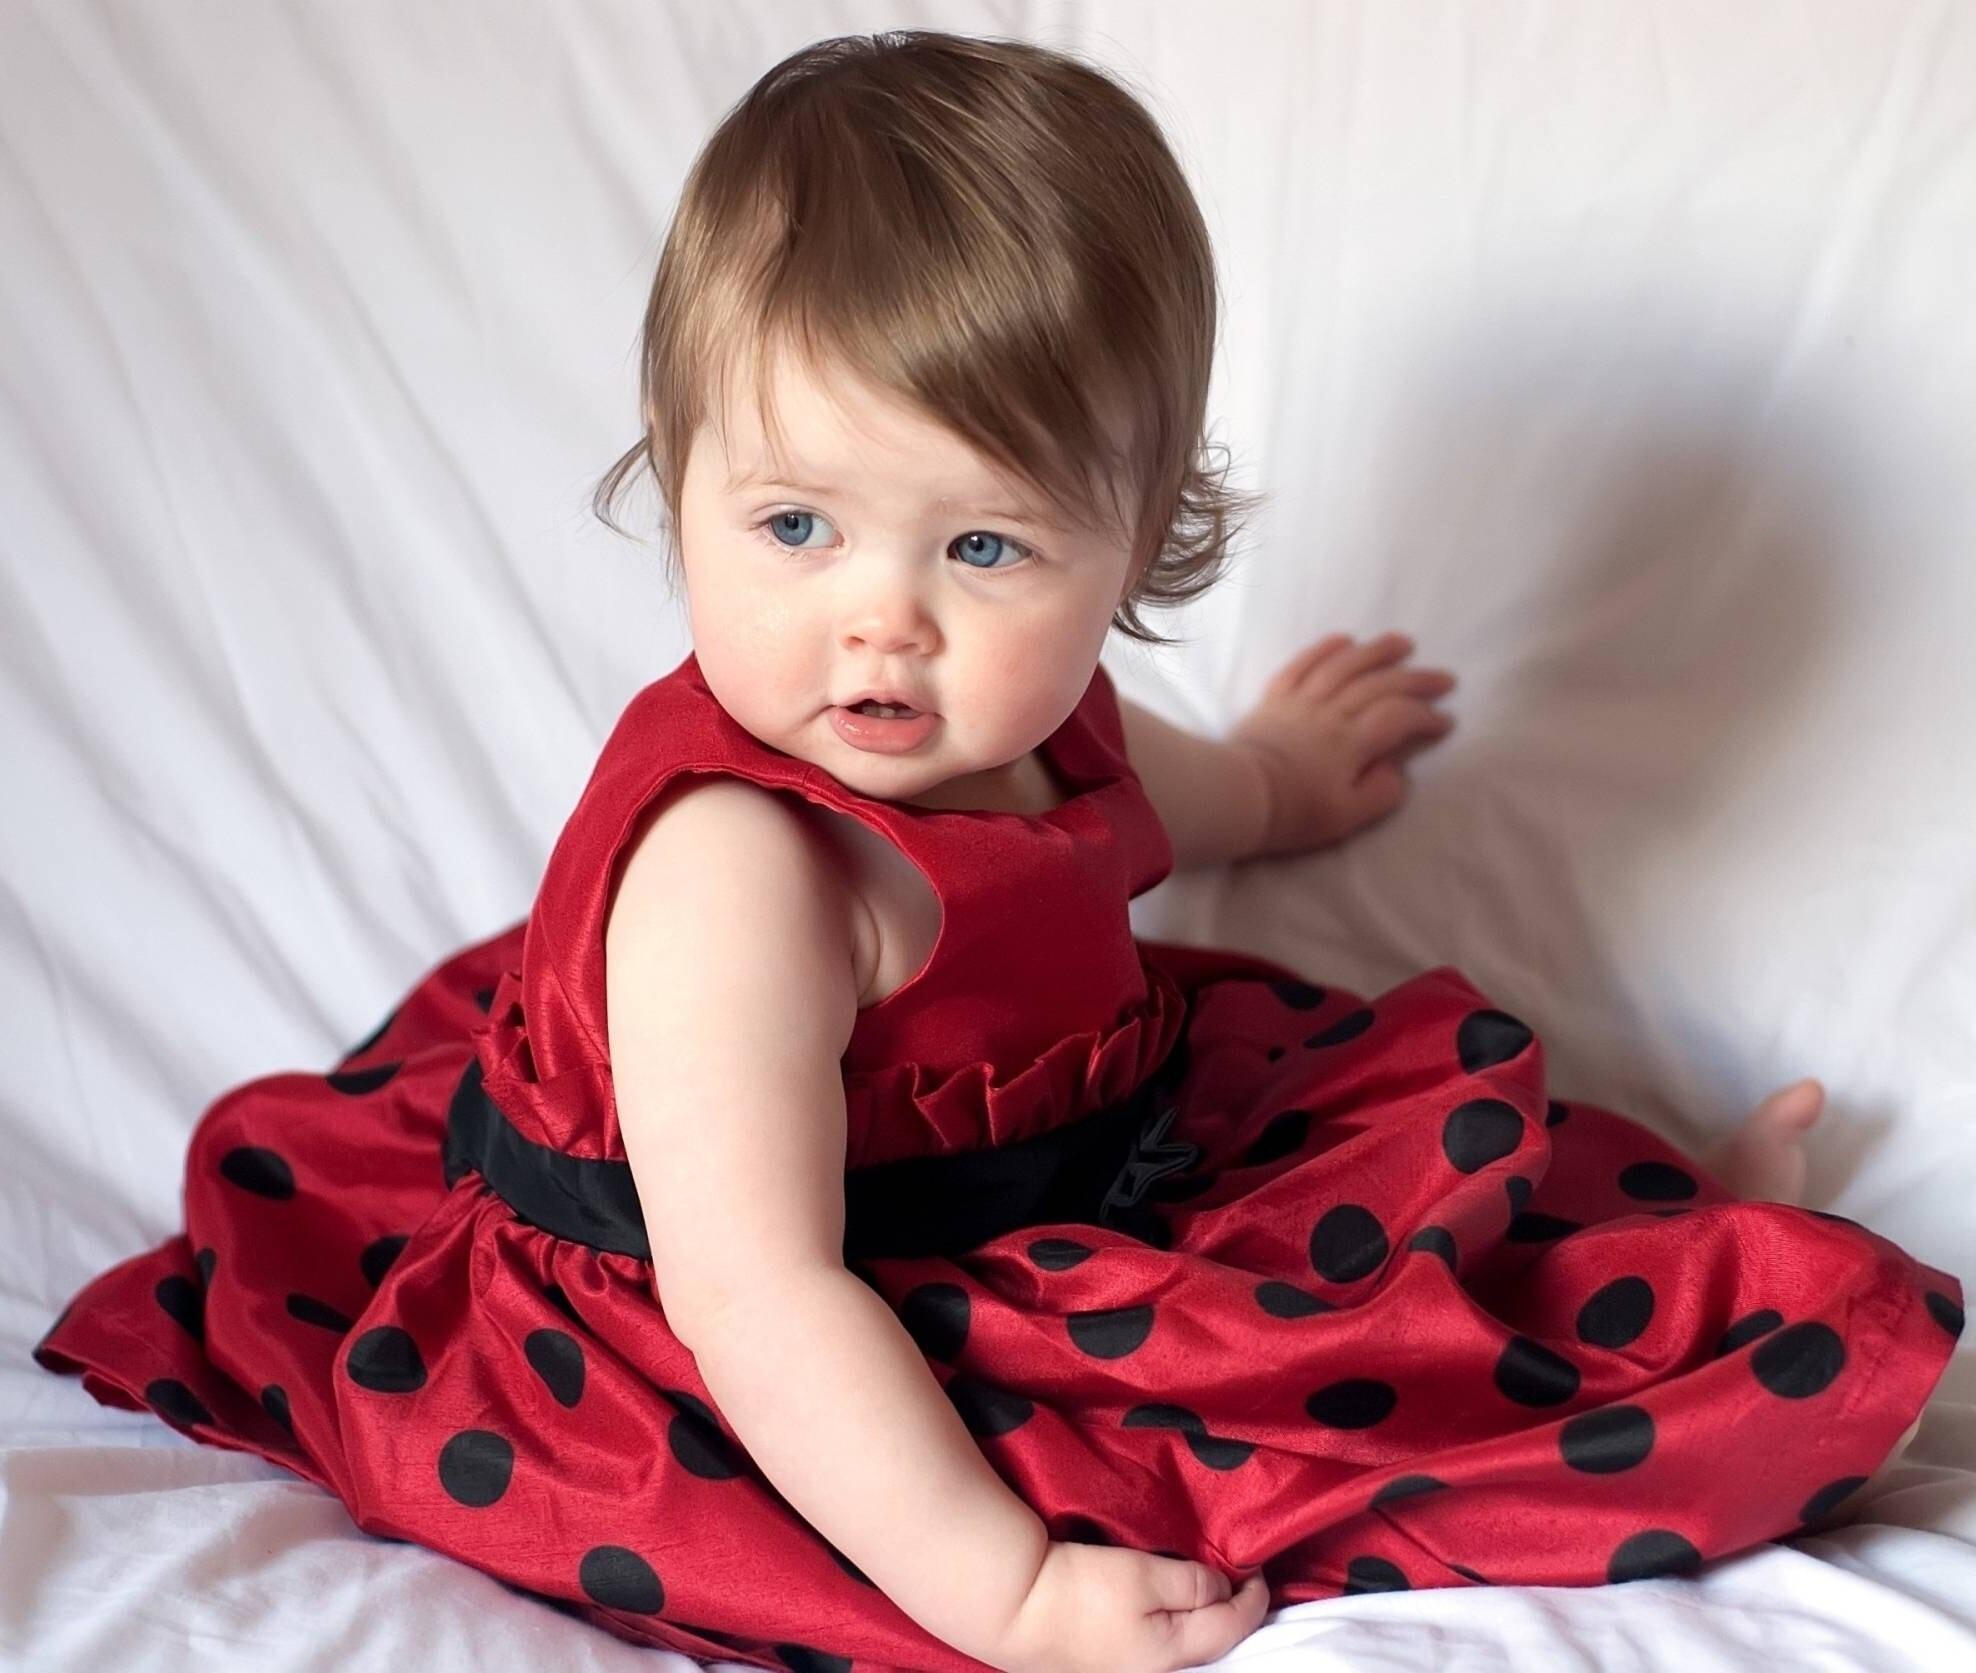 cute baby images - bire.1andwap